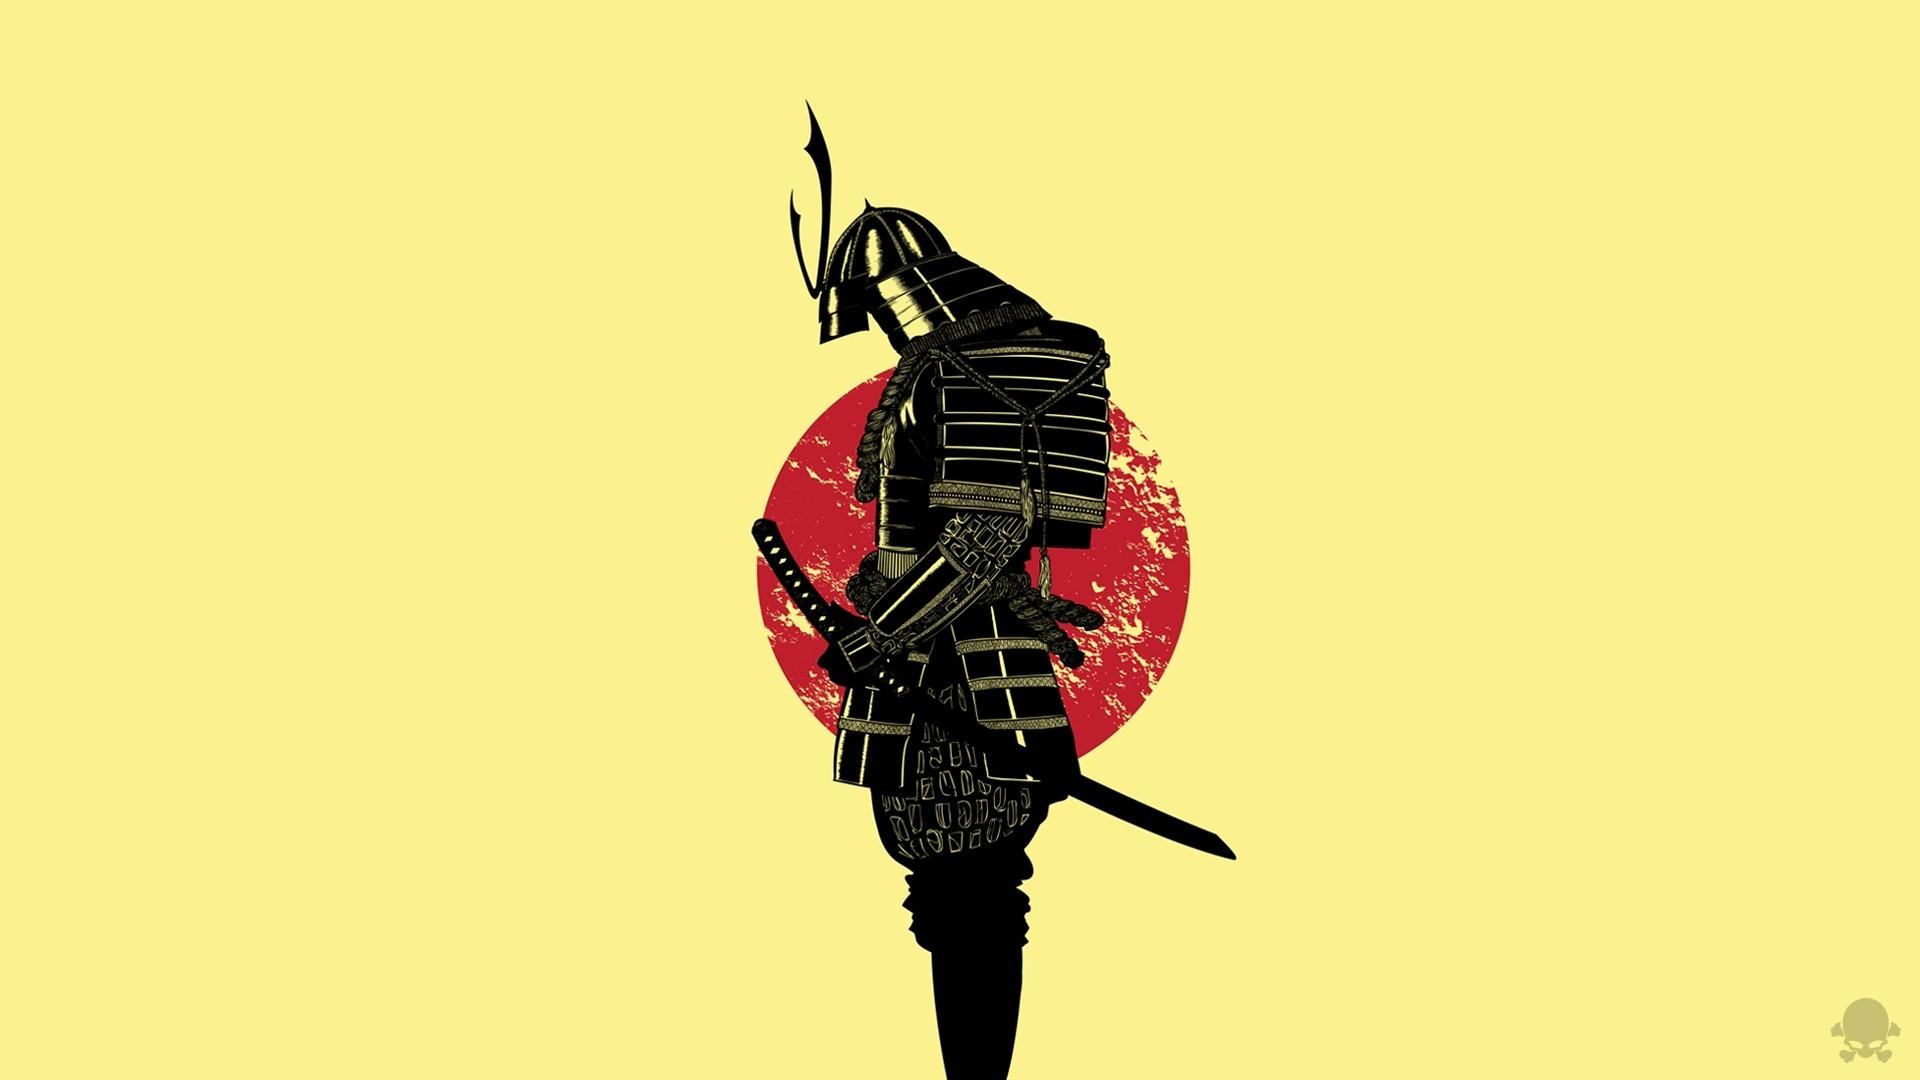 HD Samurai Wallpaper - WallpaperSafari